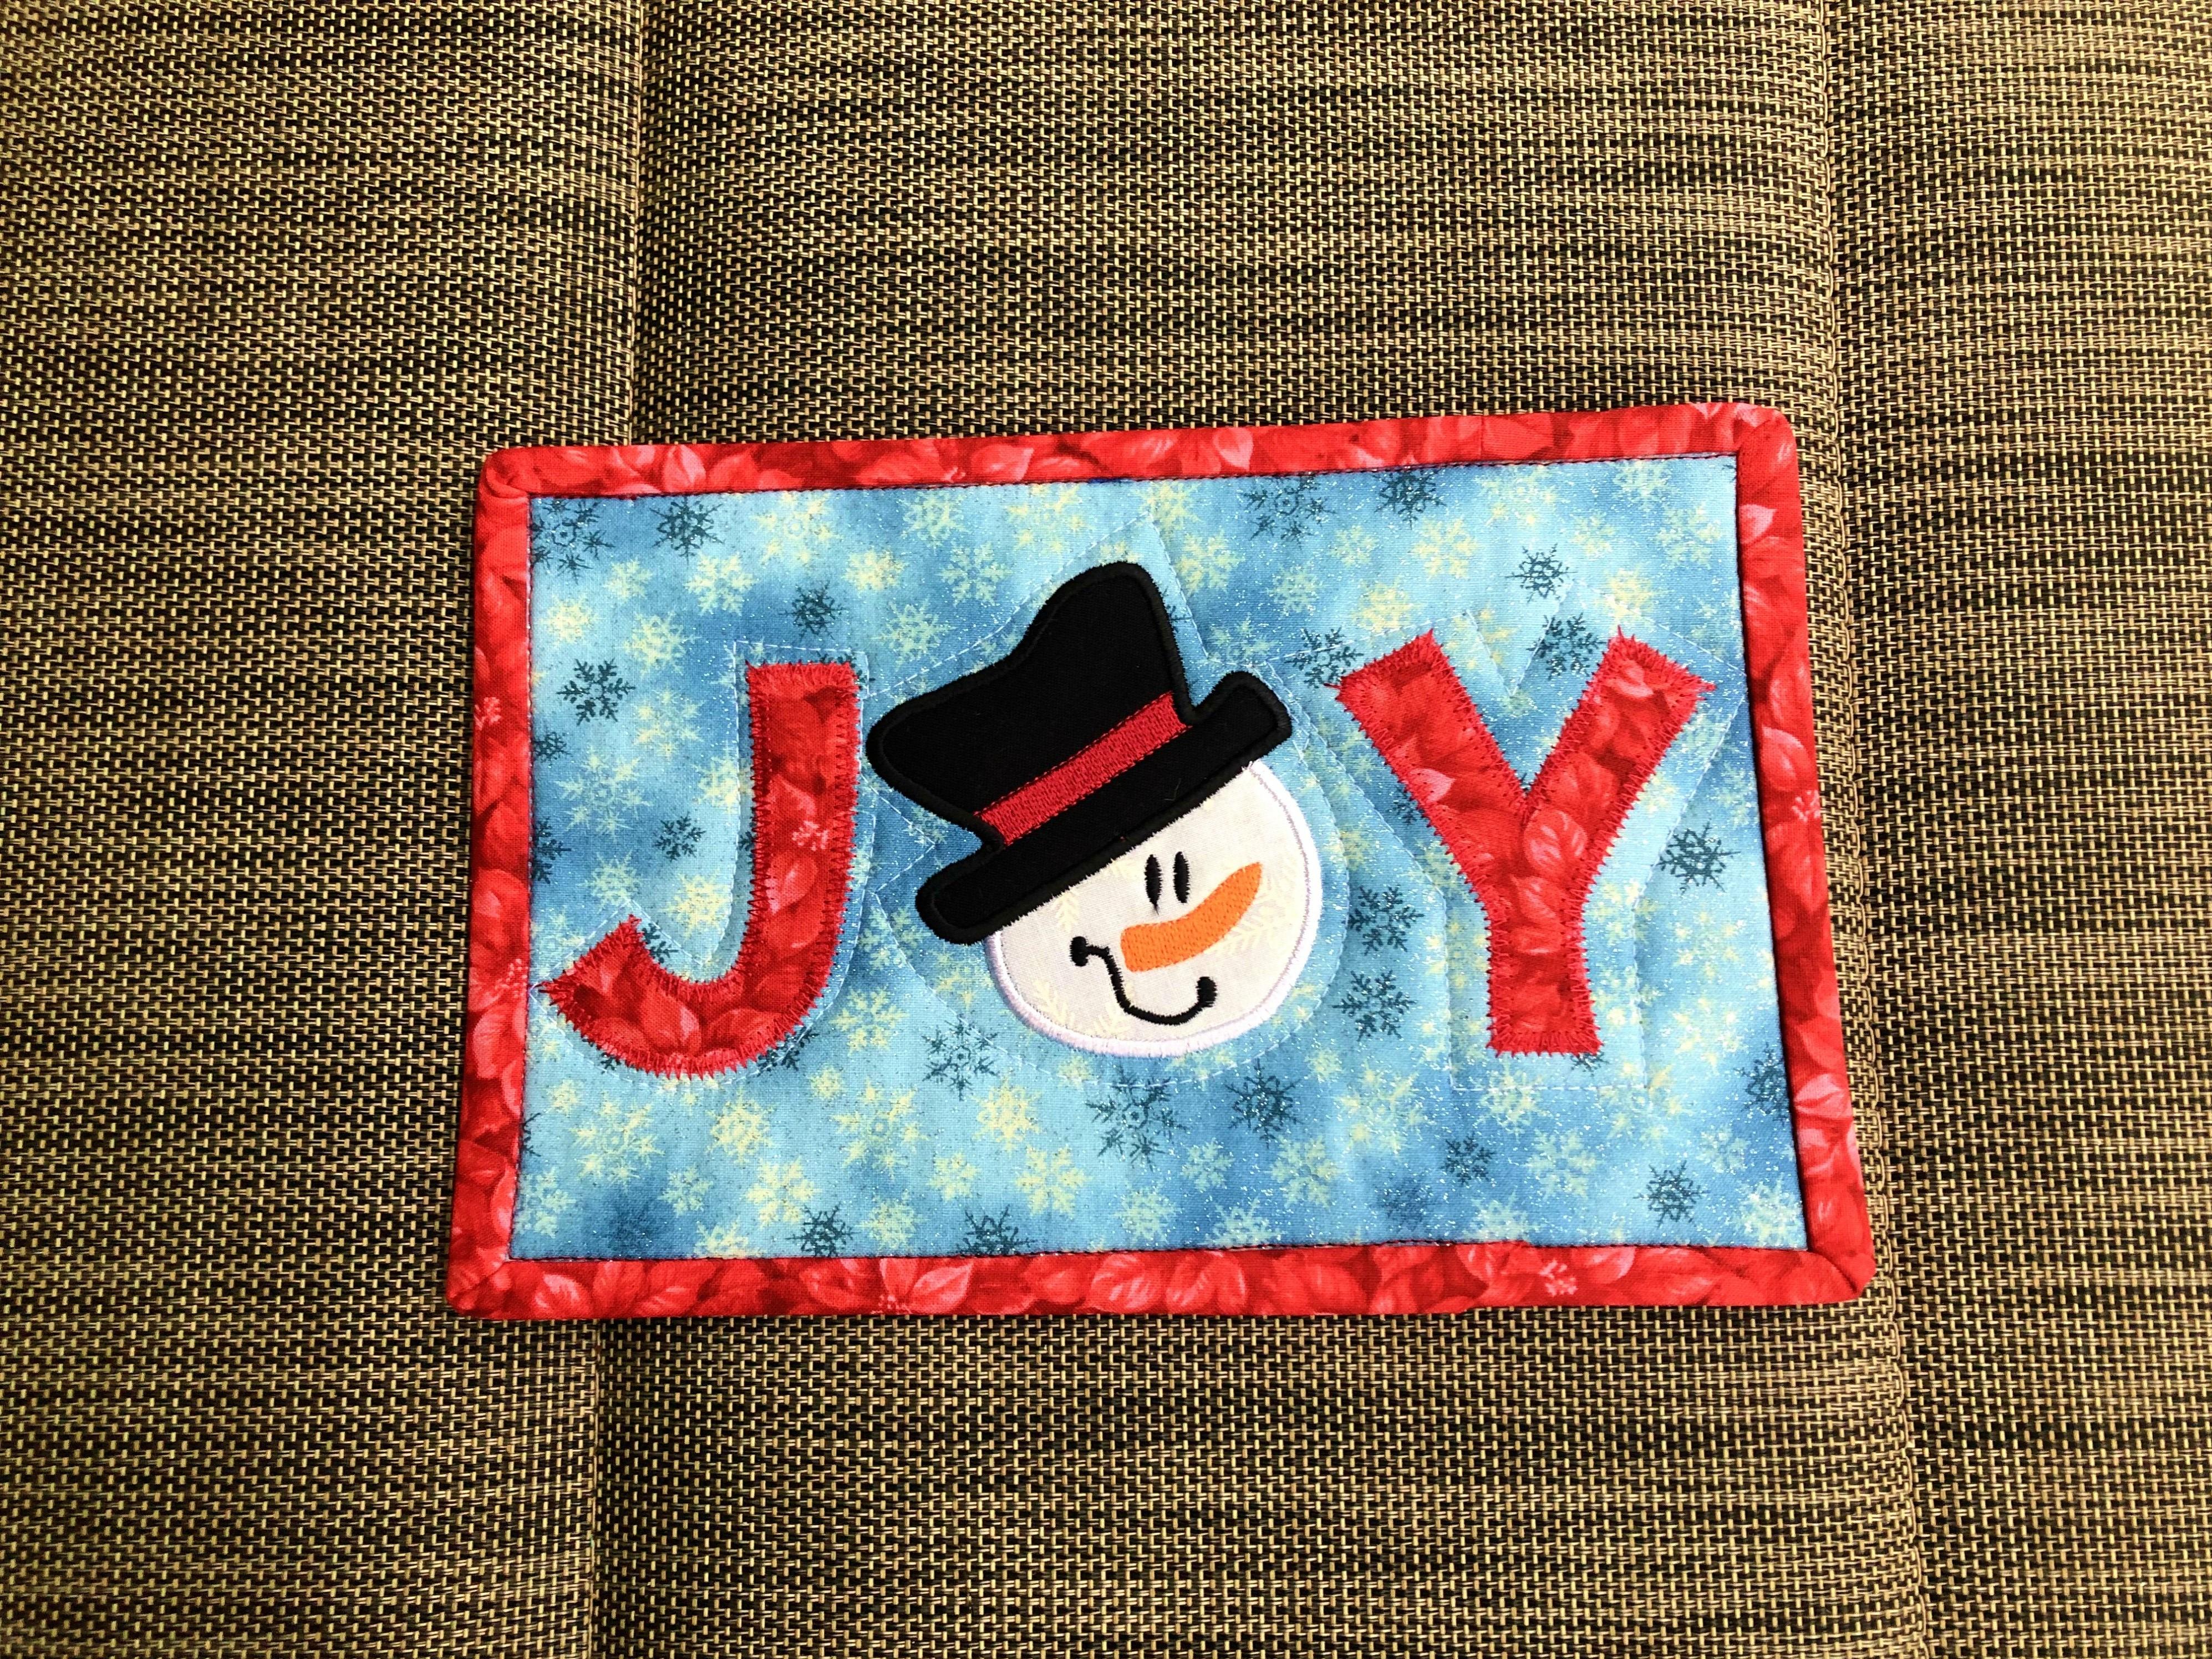 Christmas 2018 Snowman Joy